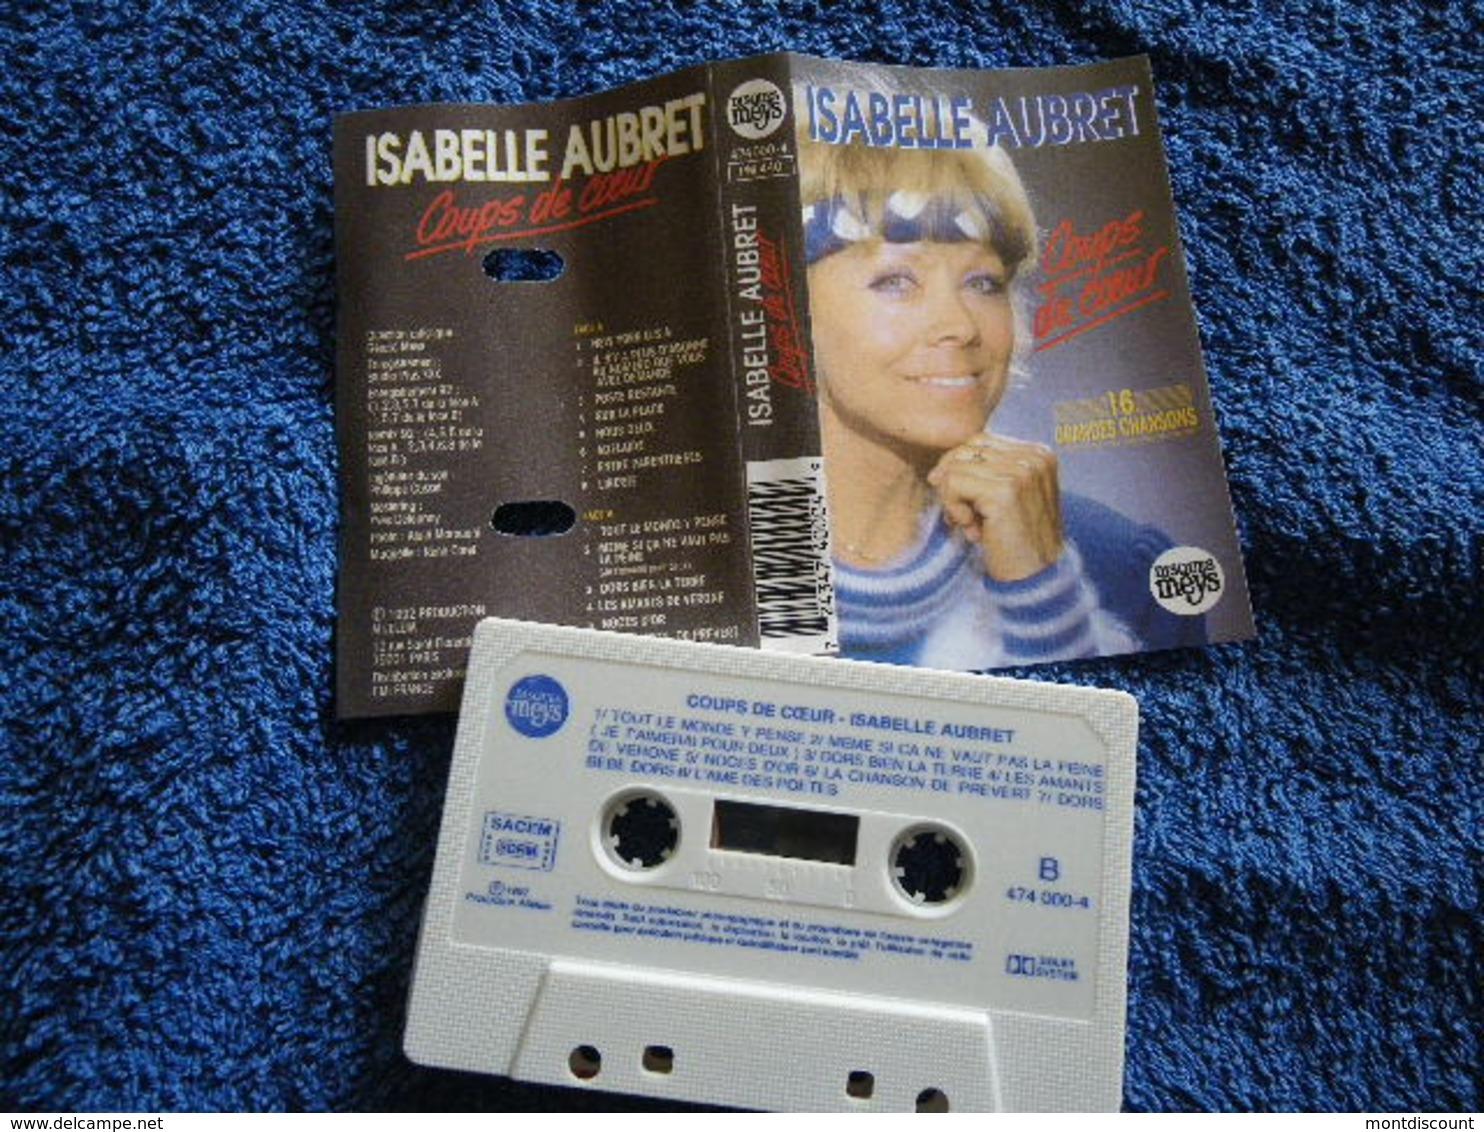 ISABELLE AUBRET VOIR DESCRIPTIF ET PHOTO... REGARDEZ LES AUTRES (PLUSIEURS) - Audio Tapes